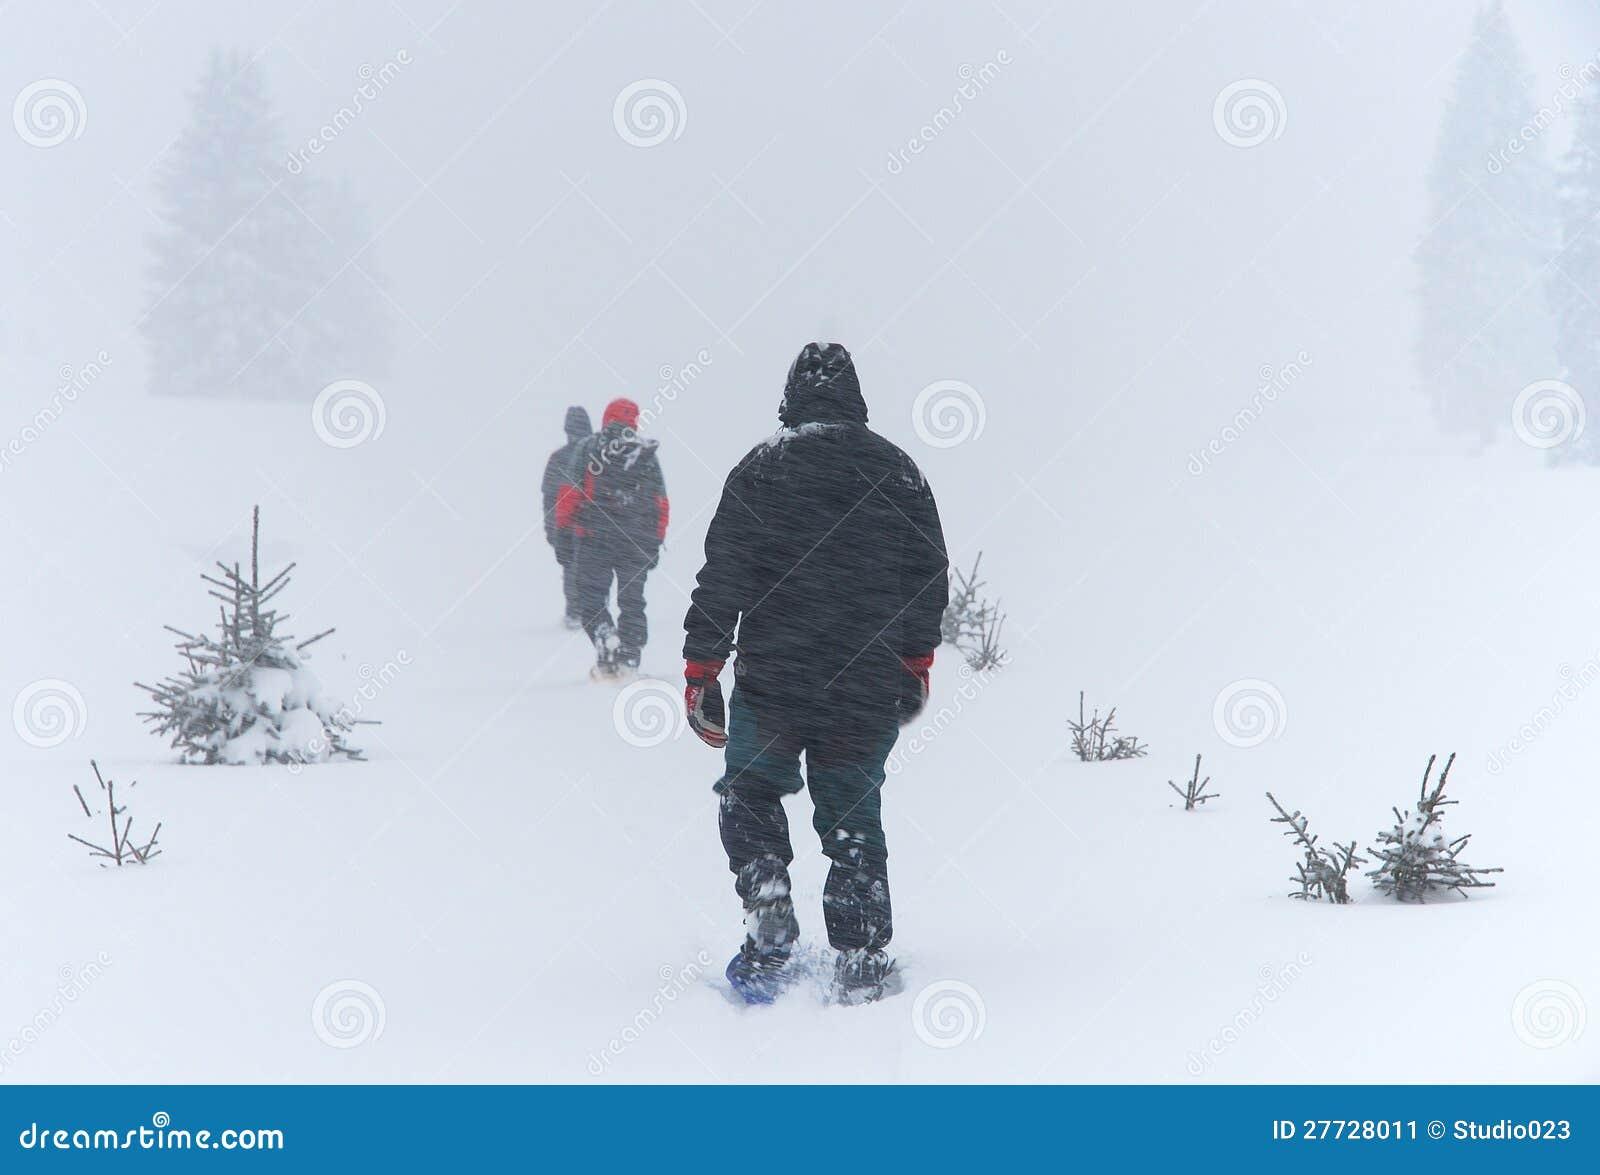 Männer läuft Blizzard auf Snowshoes durch